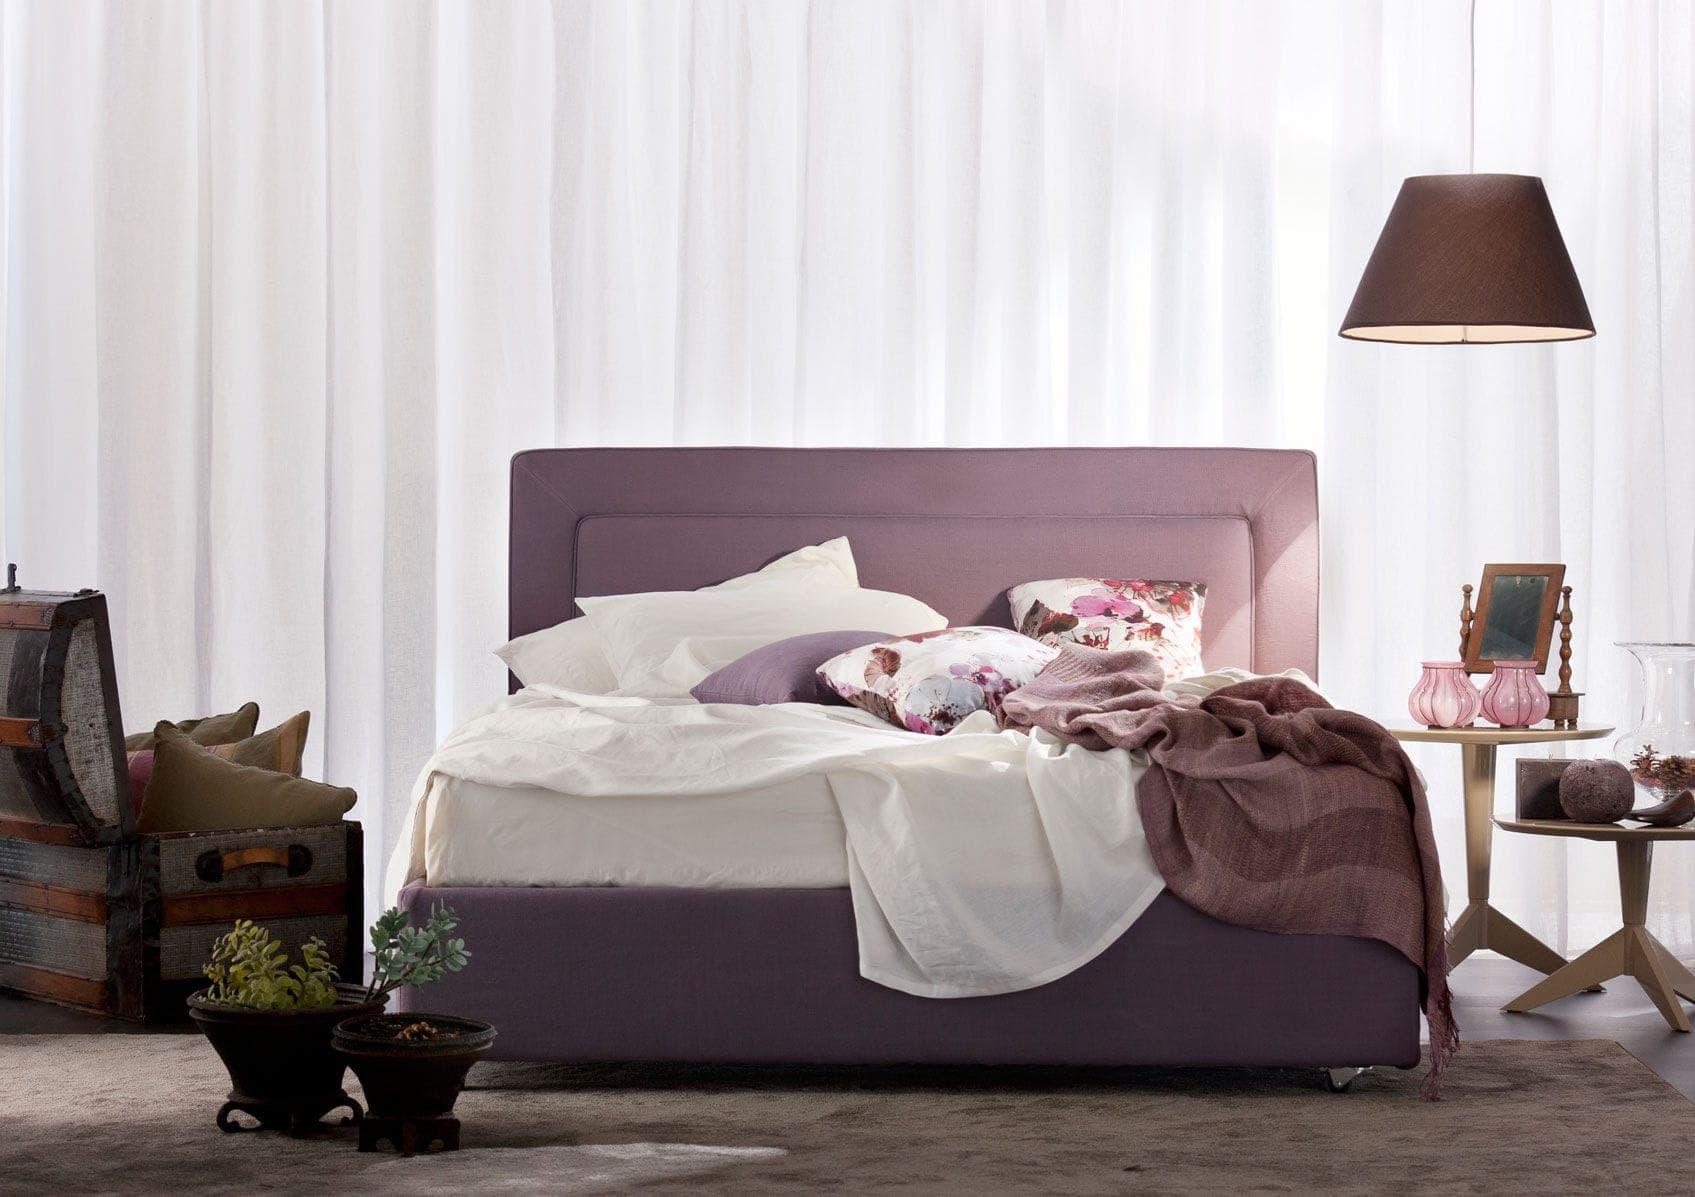 Camas dobles modernas amazing full size of camas dobles for Camas dobles para ninos baratas